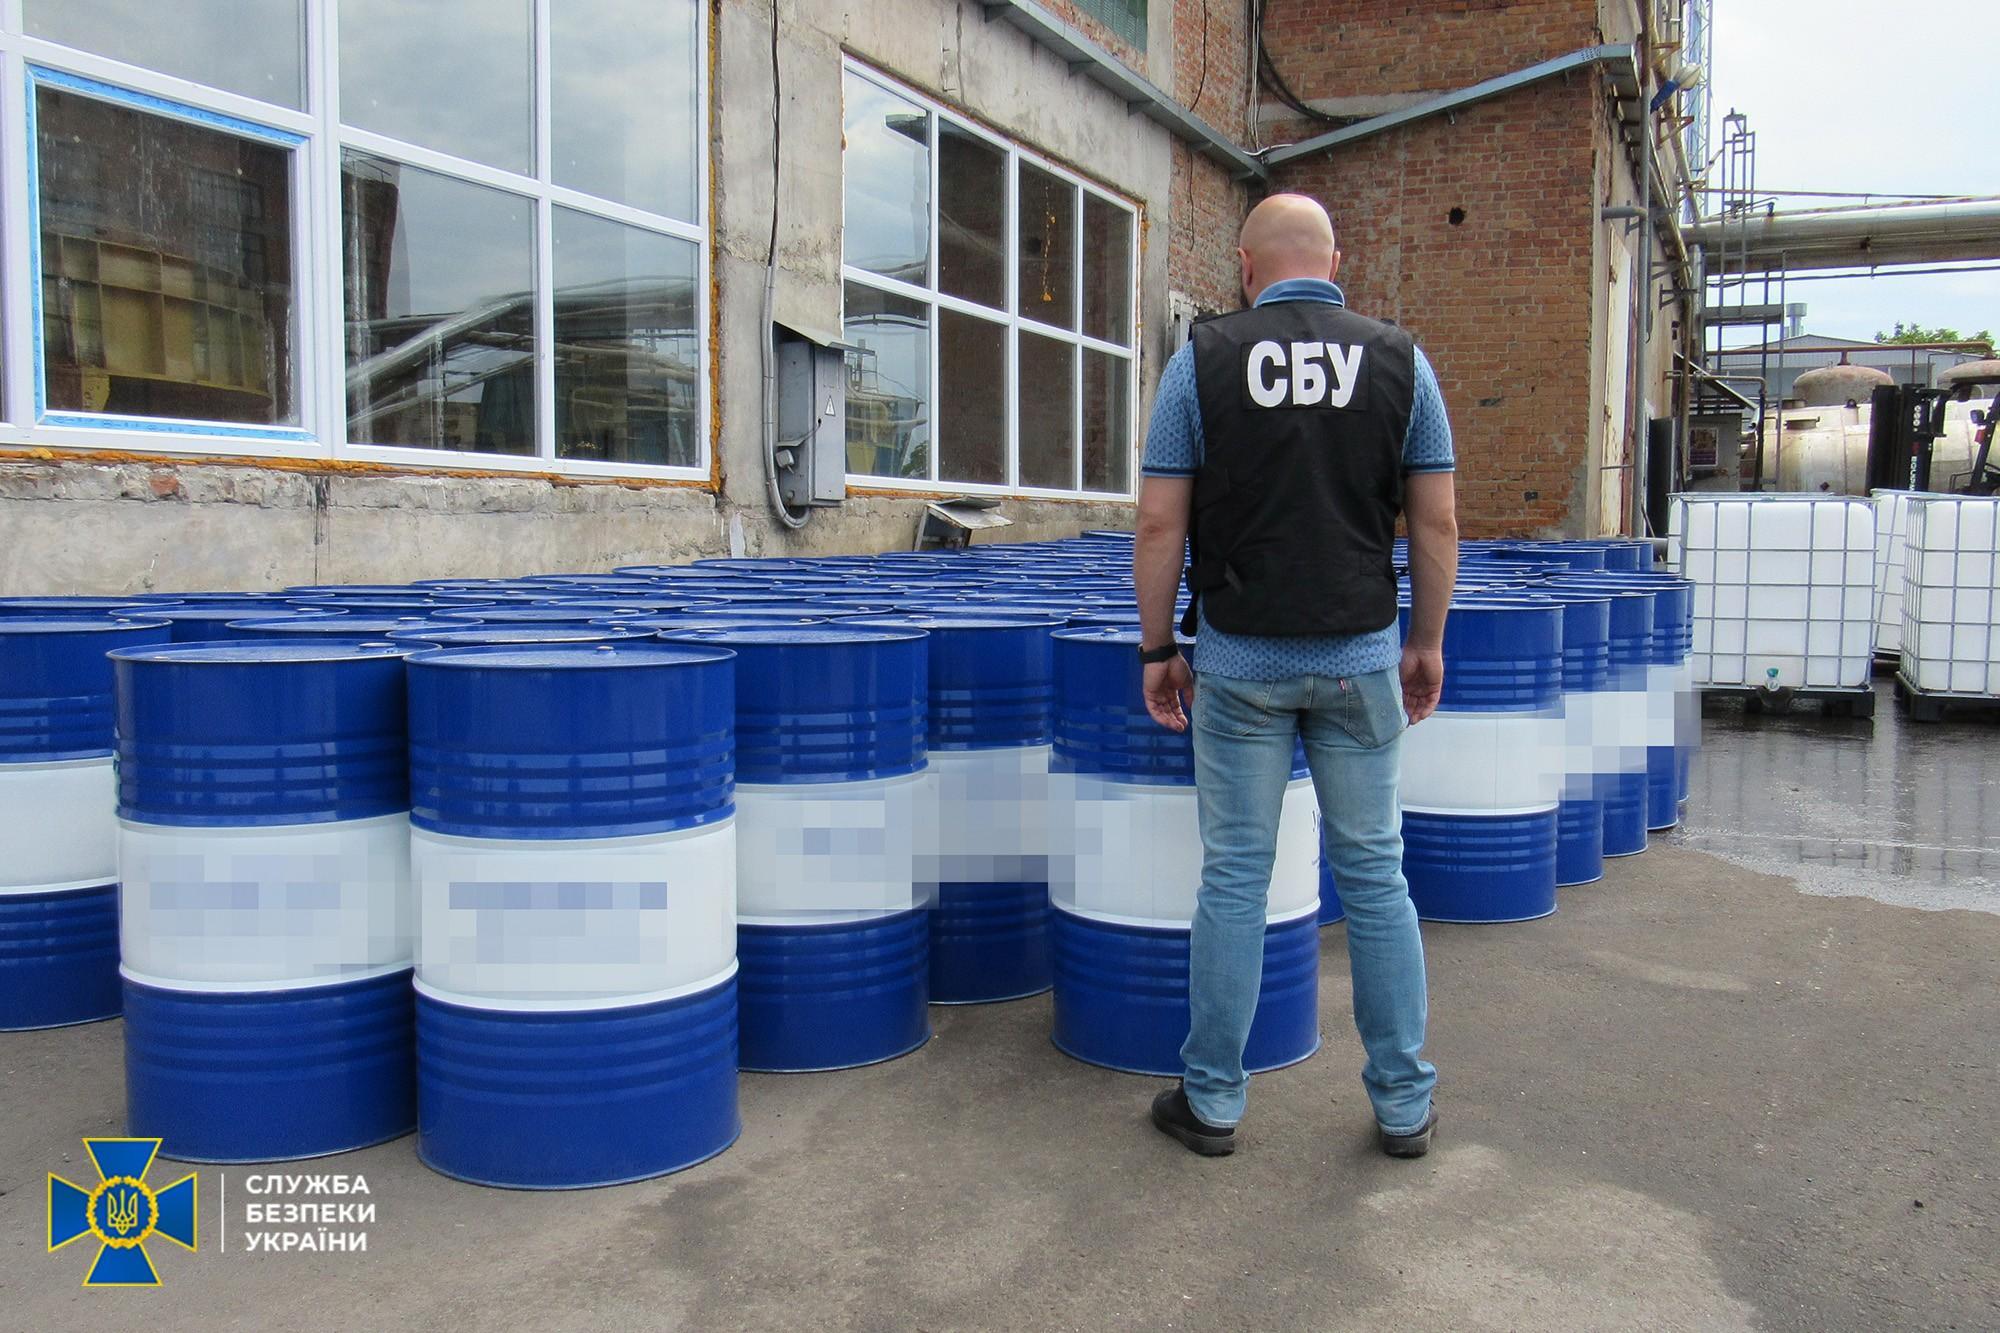 На Вінниччині підприємство роками захоронювало токсичні відходи біля сіл. СБУ виявила зв'язок з РФ (Фото+Відео)